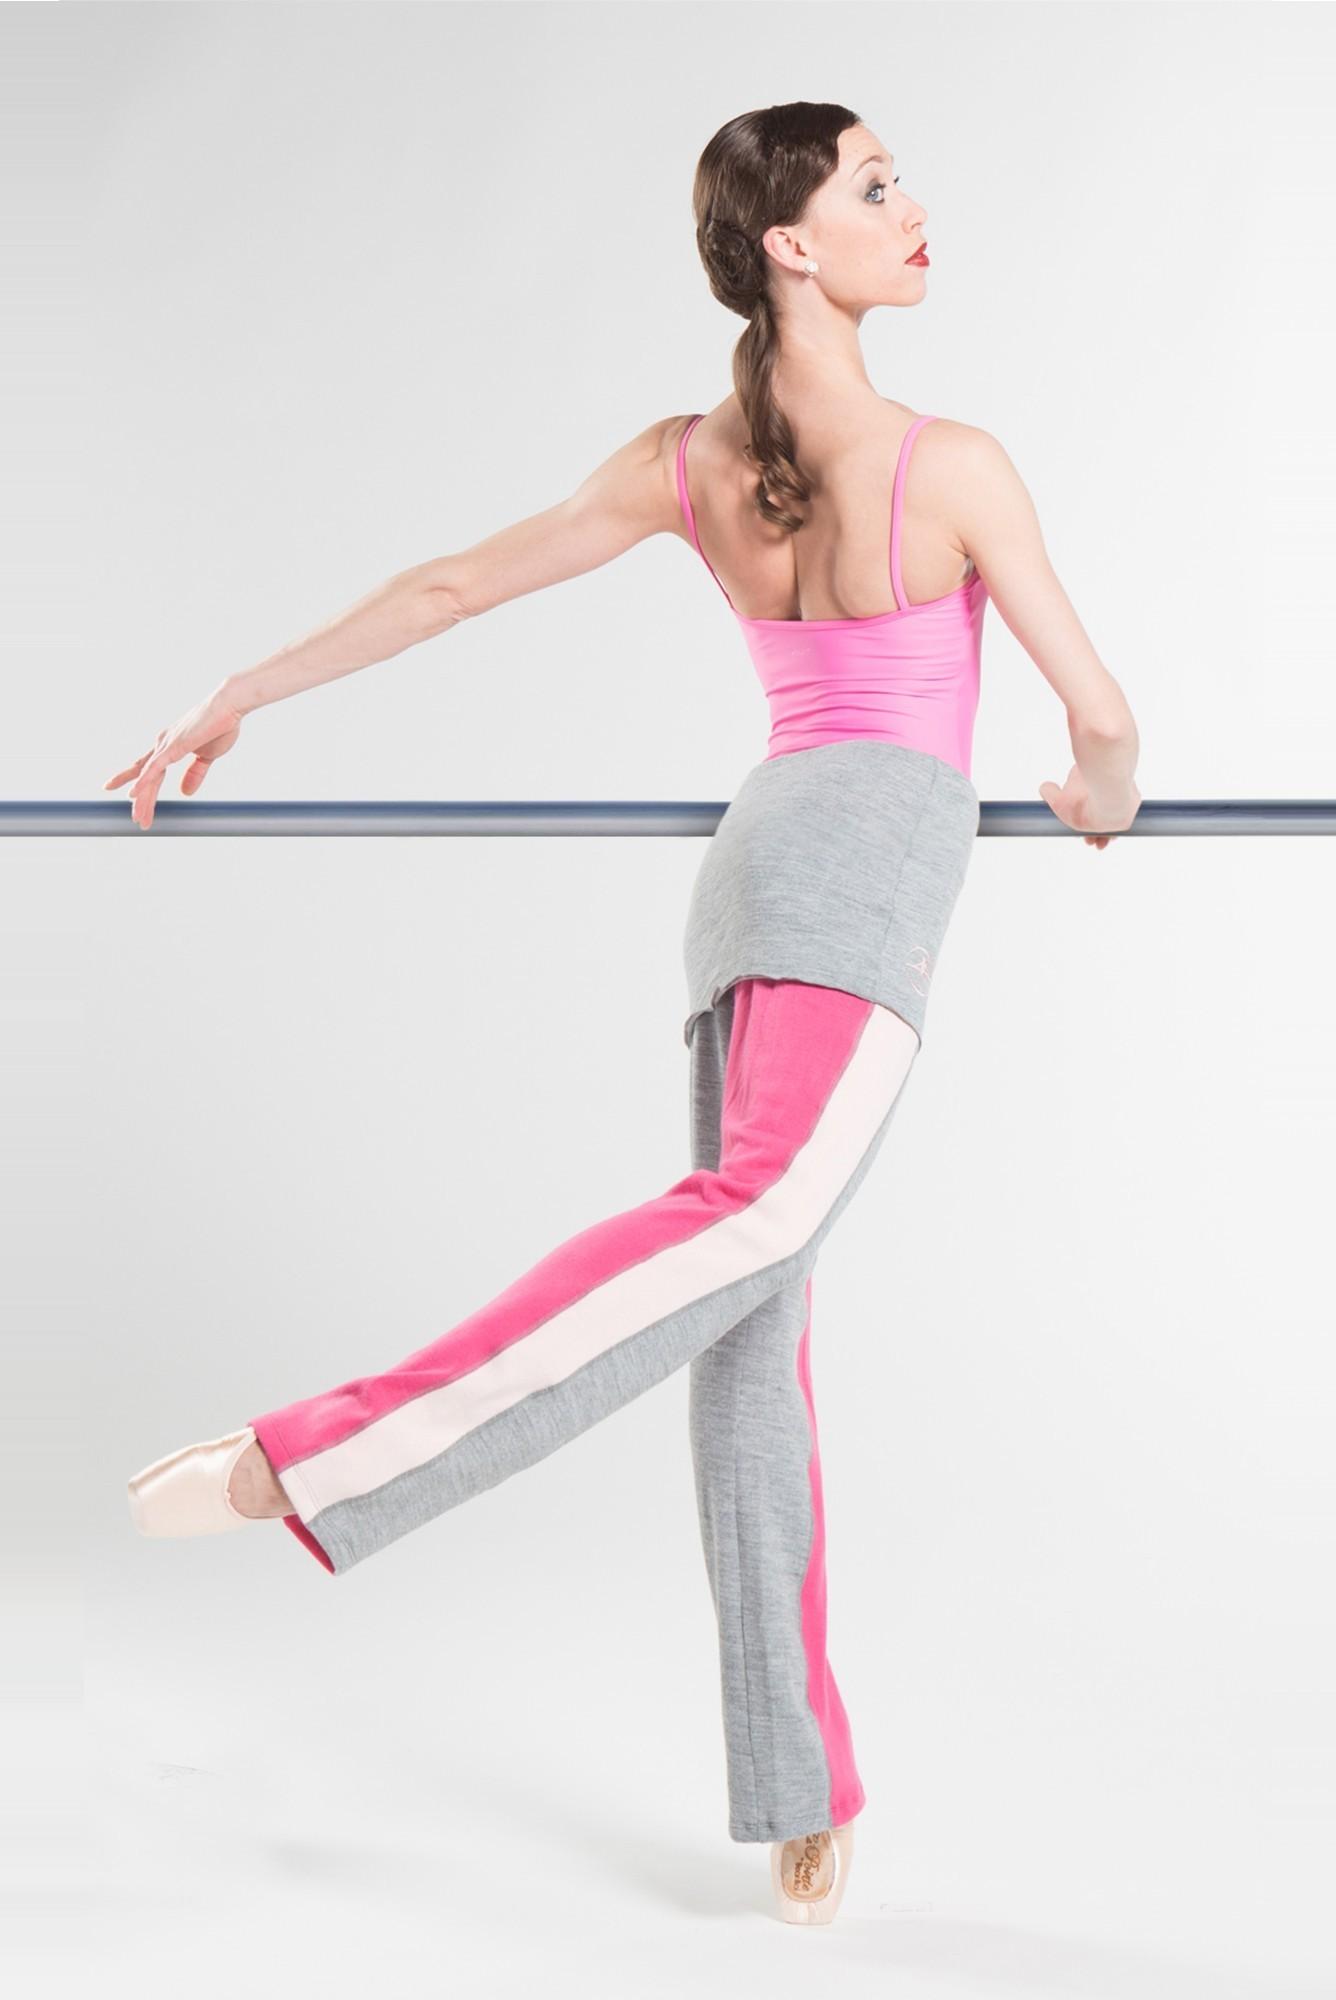 pantalon danse WEAR MOI LIZIE échauffement - BODY LANGAGE ff50349c43d